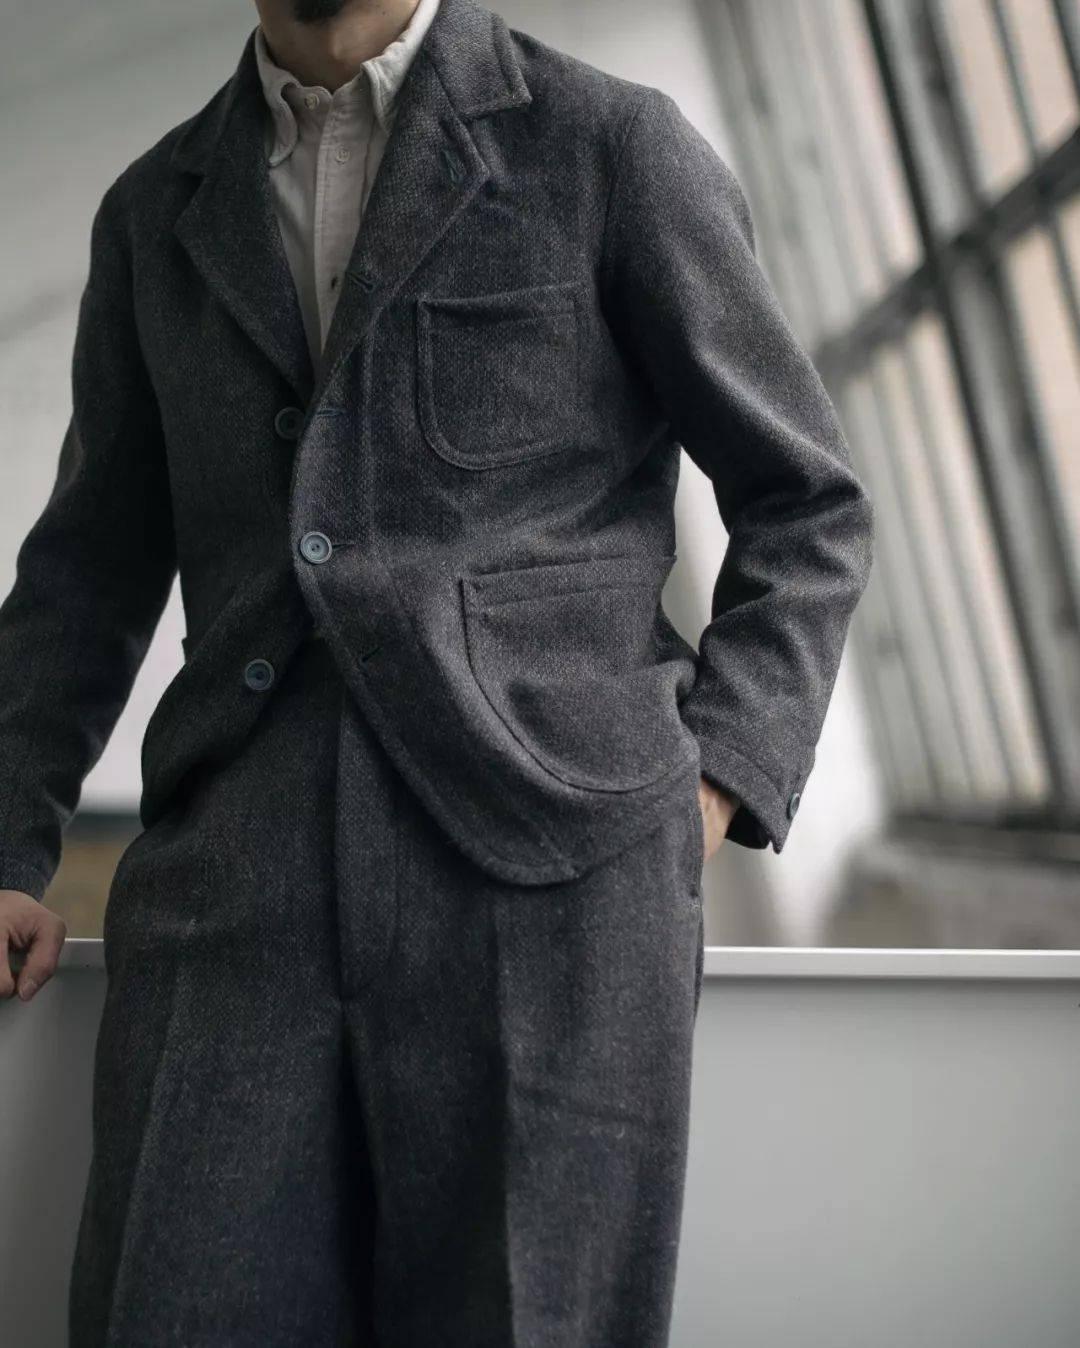 MOTIV与Alden的男装搭配 诠释新经典绅士的风格造型